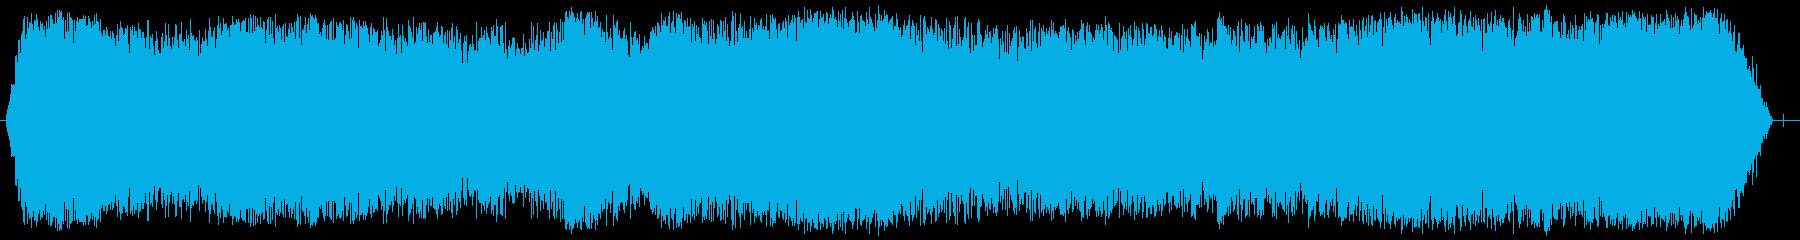 カテドラルルームトーンの再生済みの波形